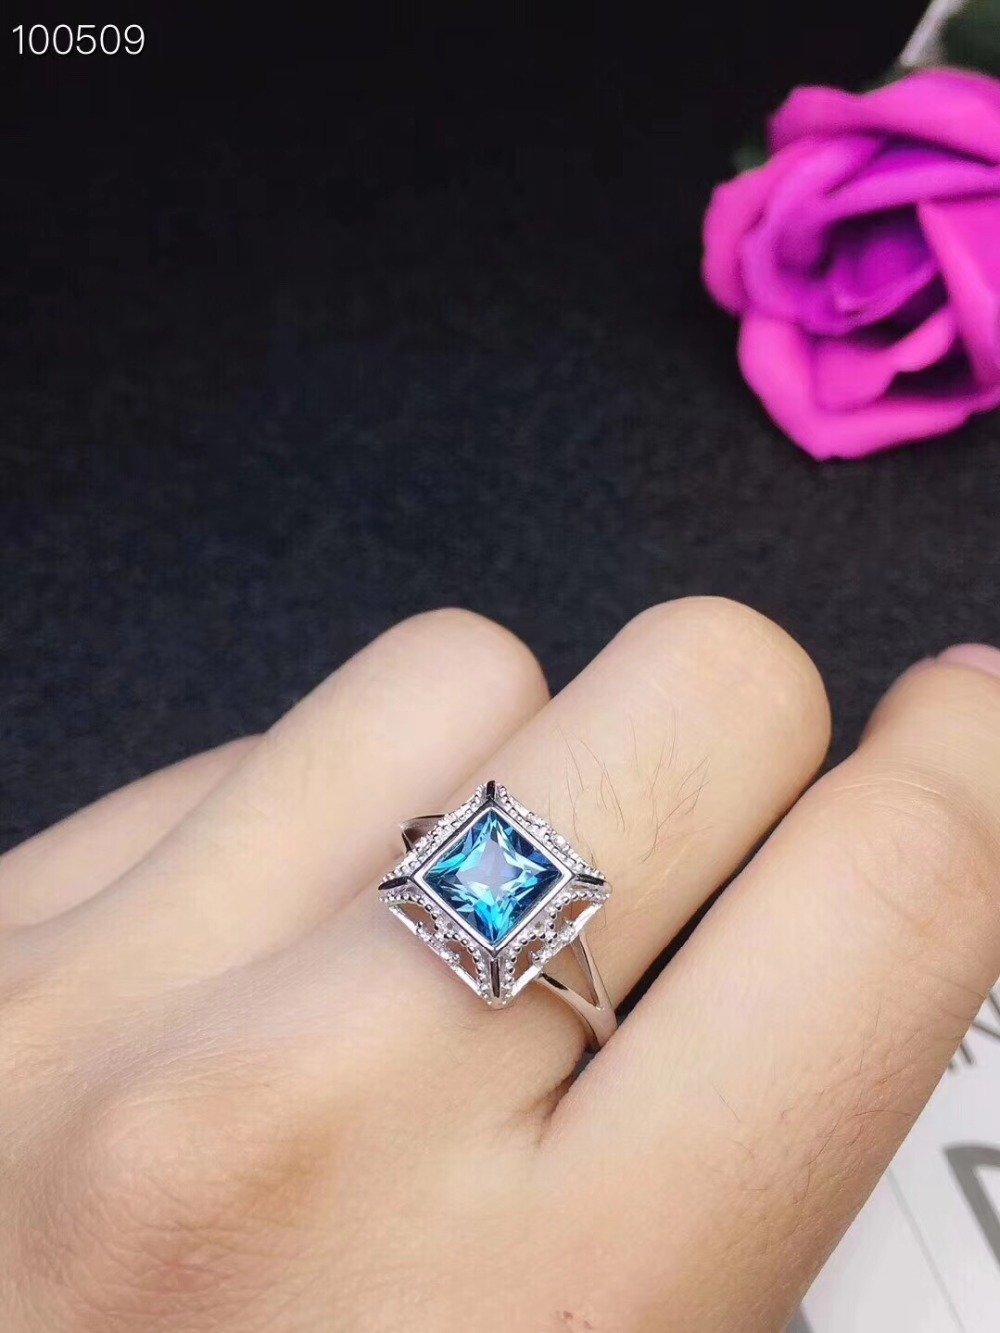 Bague topaze bleue naturelle livraison gratuite topaze bleue naturelle 925 bijoux en argent sterling 6mm